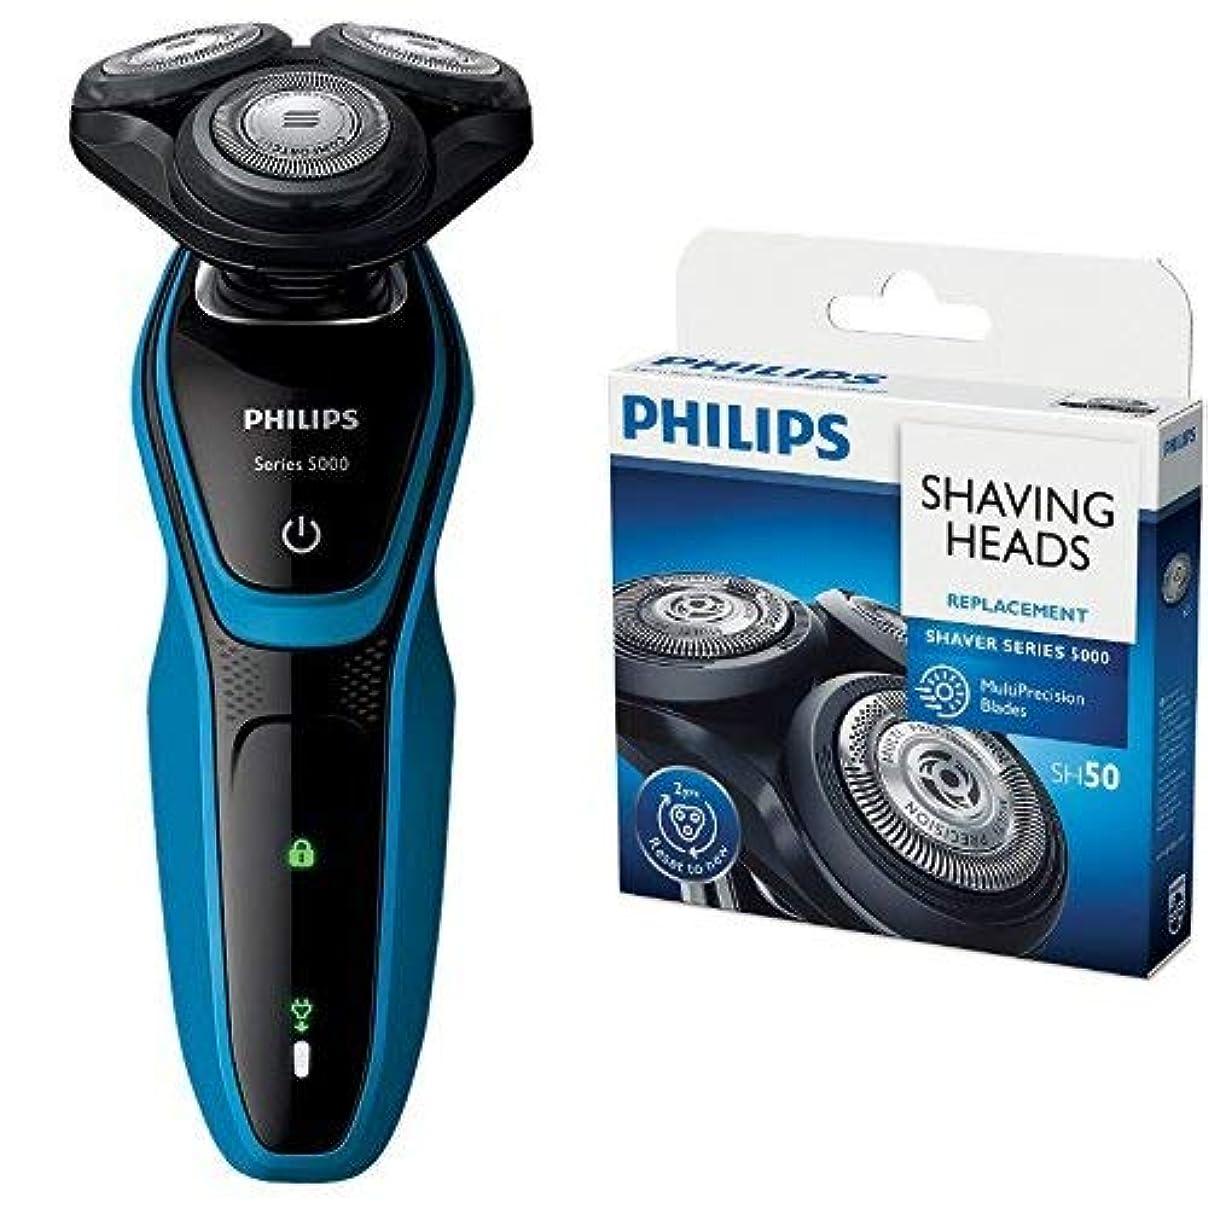 保証金用心ヒギンズ[セット販売]フィリップス 5000シリーズ メンズ 電気シェーバー 27枚刃 回転式 お風呂剃り & 丸洗い可 S5050/05 + フィリップス 5000シリーズ用替刃 SH50/51